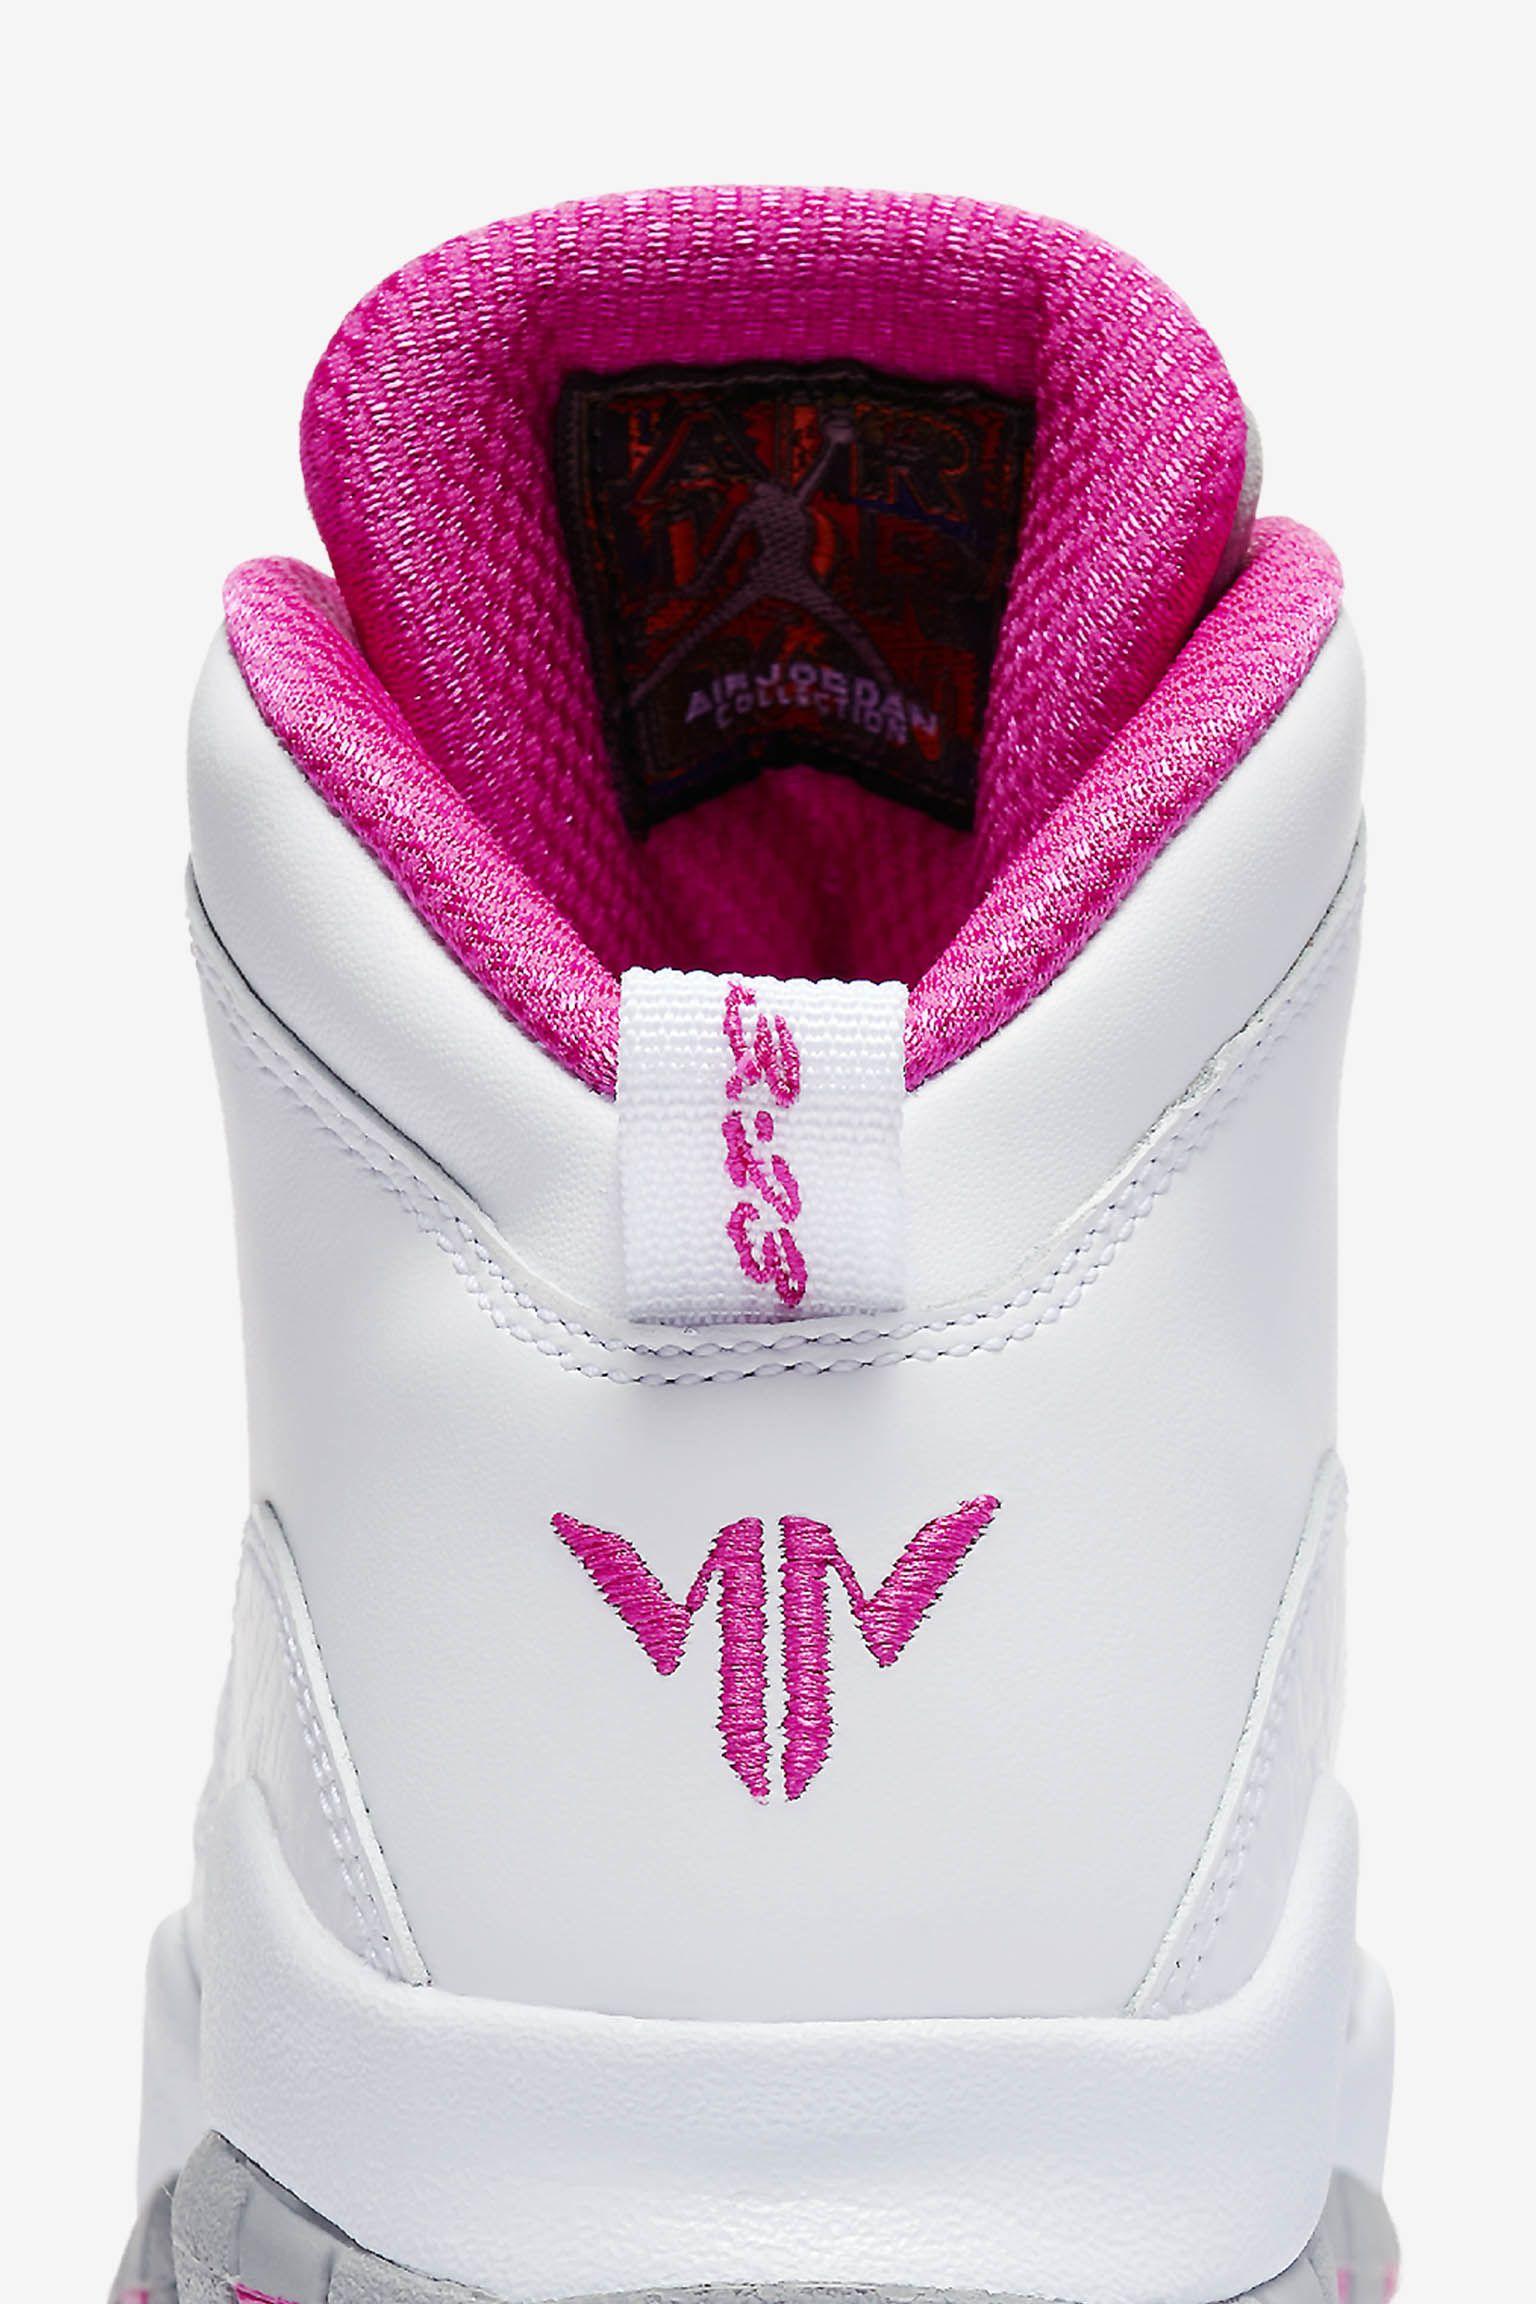 Air Jordan 10 GS 'Maya Moore' Release Date